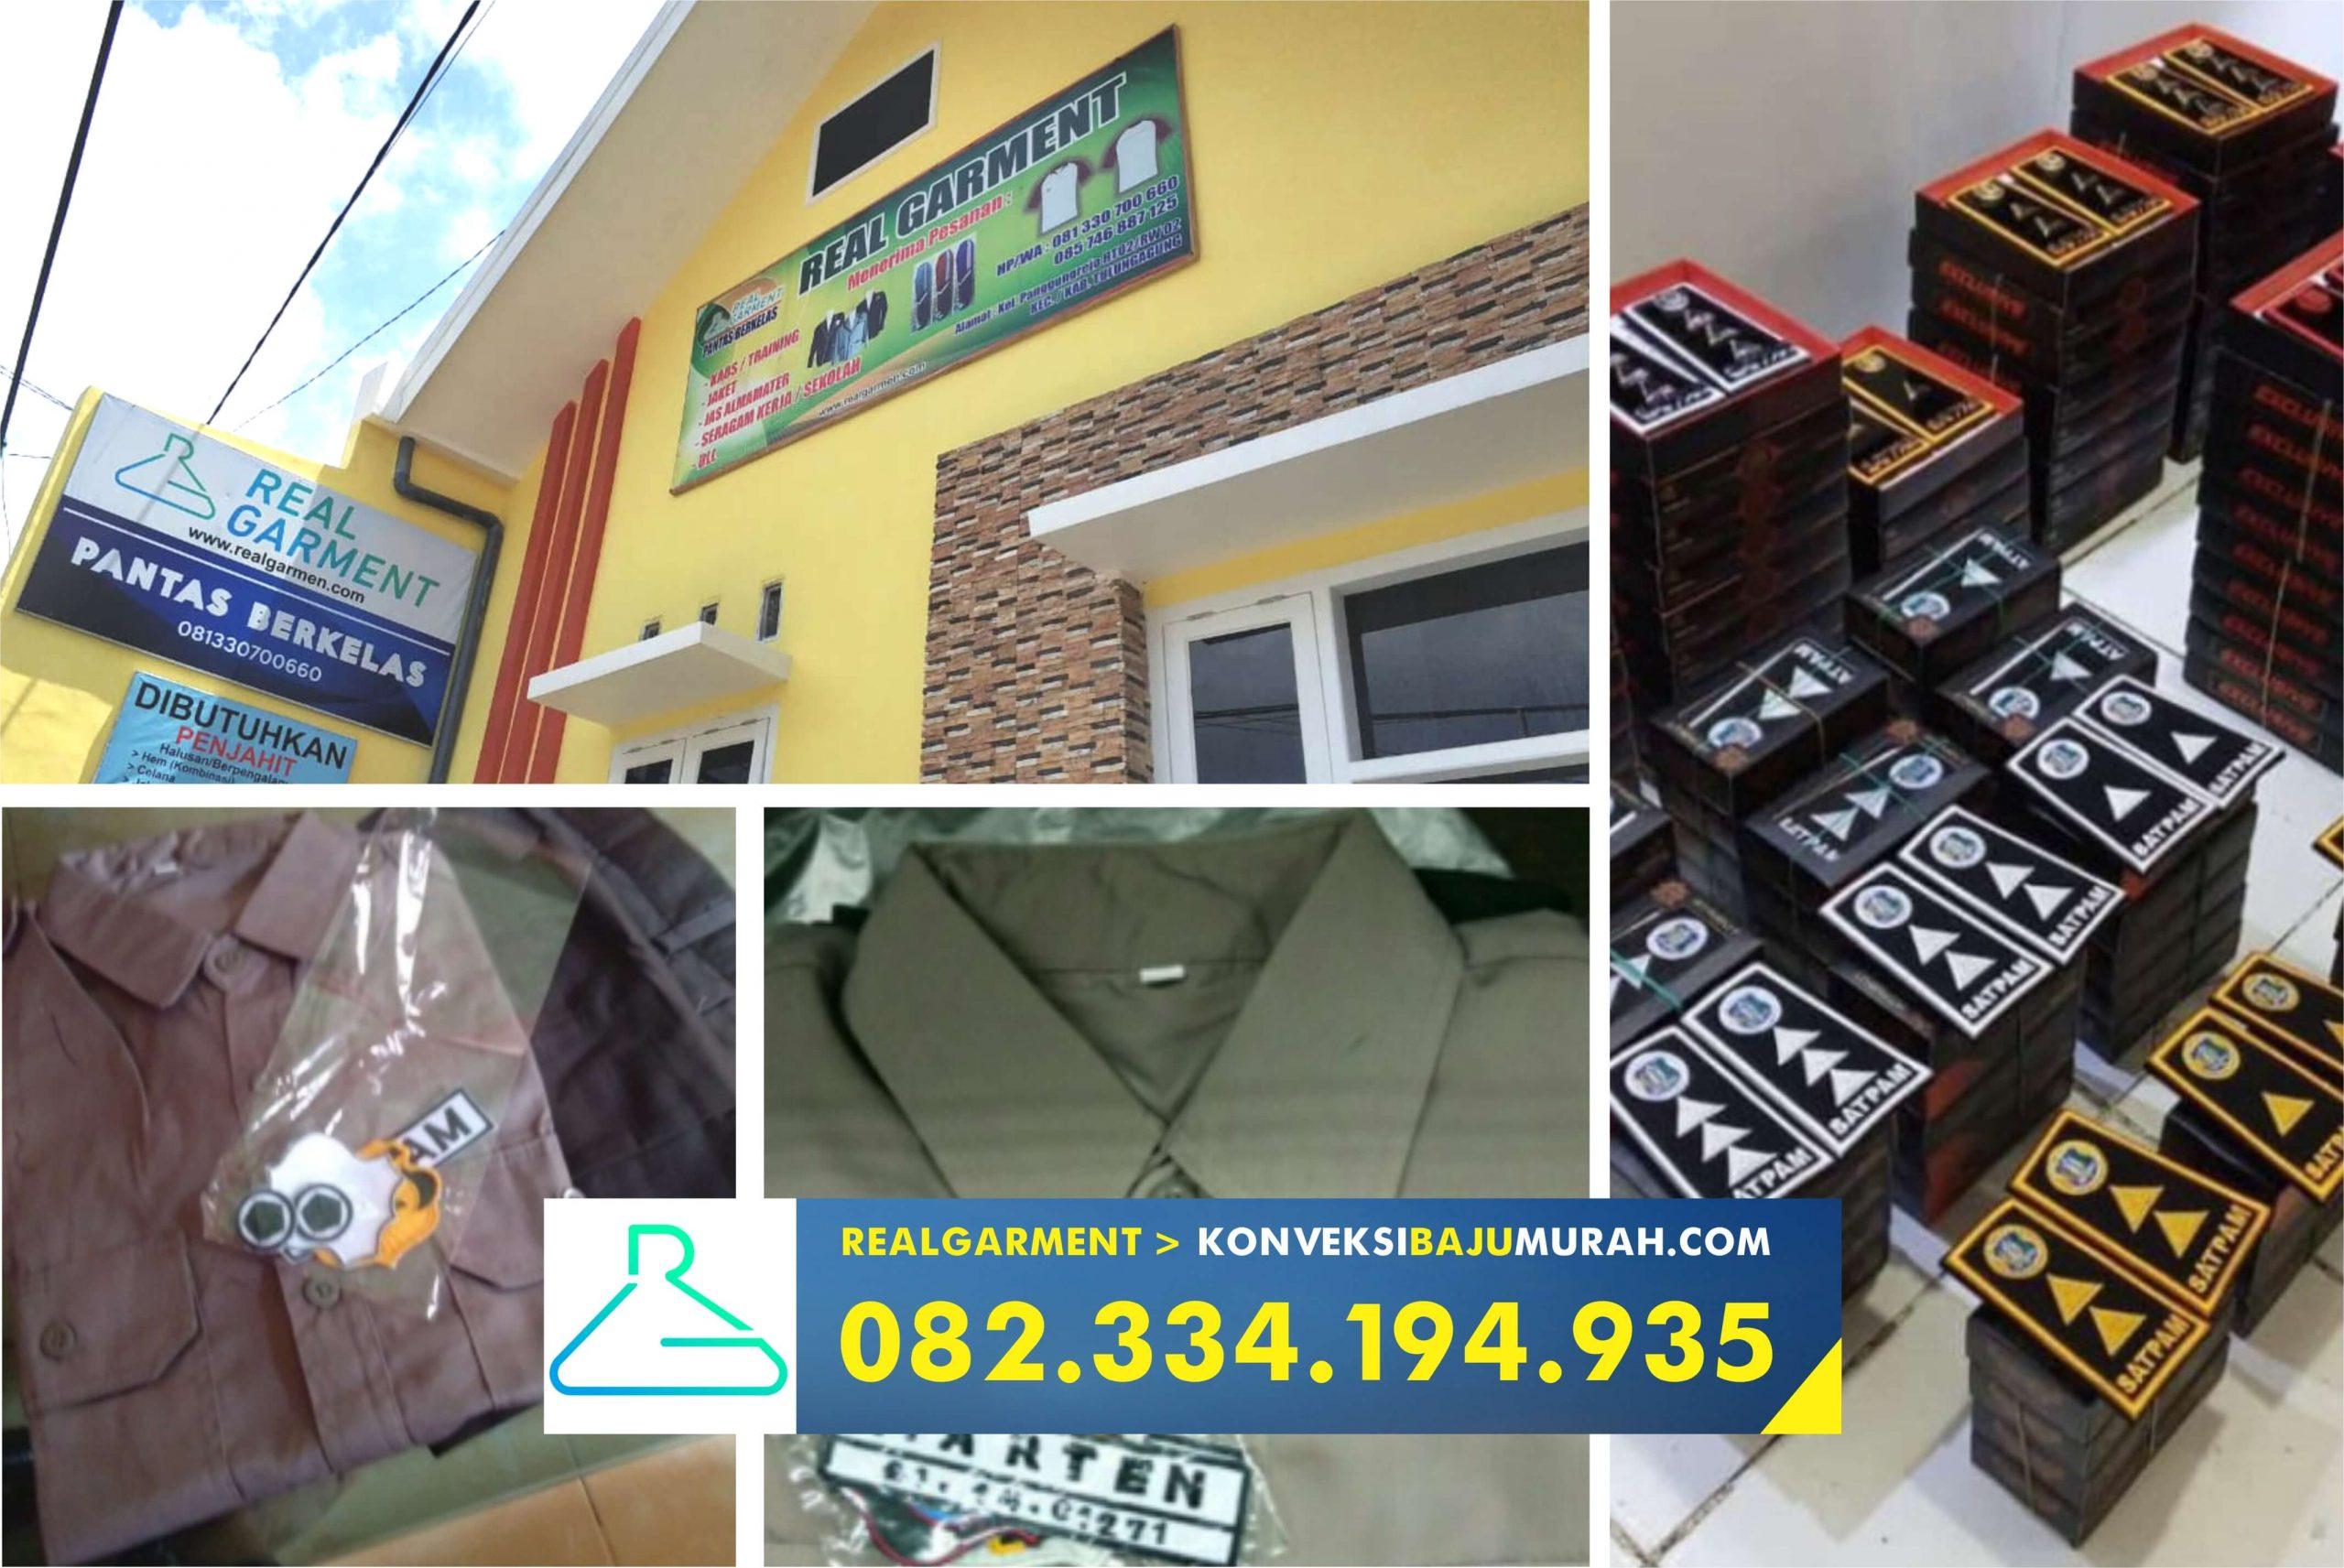 konveksi seragam satpam sidoarjo, seragam satpam terbaru warna coklat, seragam satpam terbaru dan pangkatnya